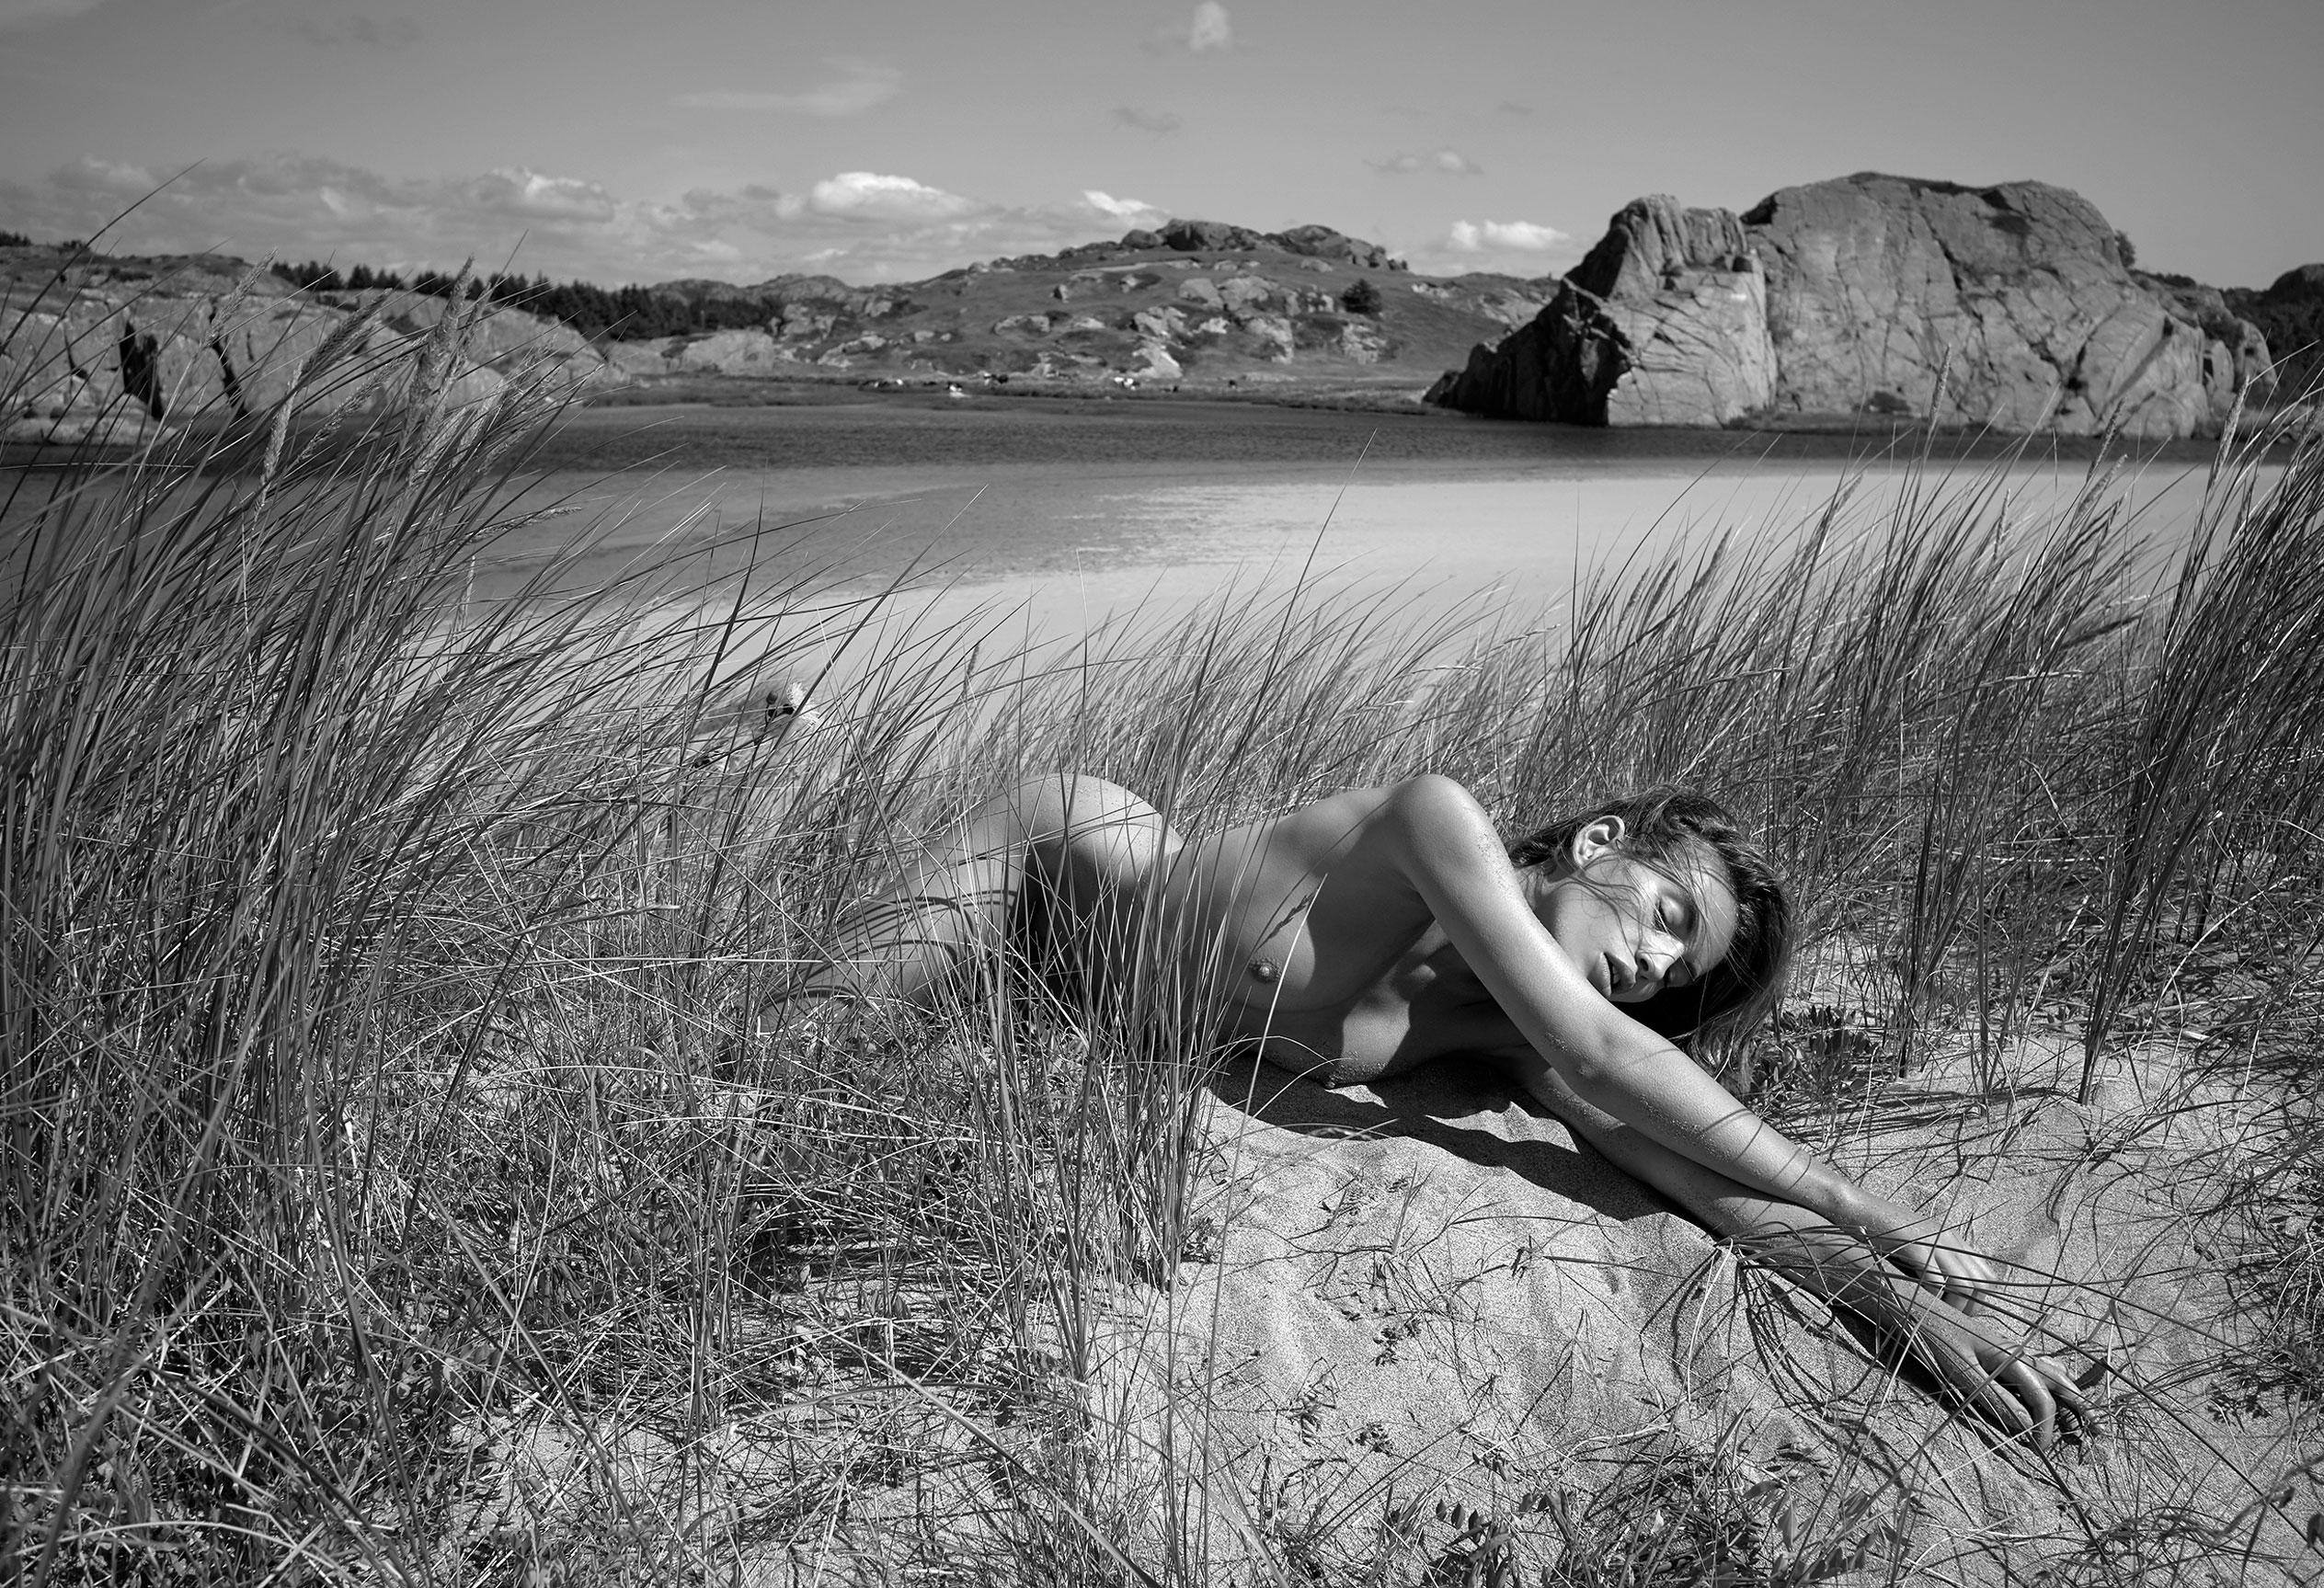 эротический календарь 12 чудес природы / Норвегия 2018 / фото 13